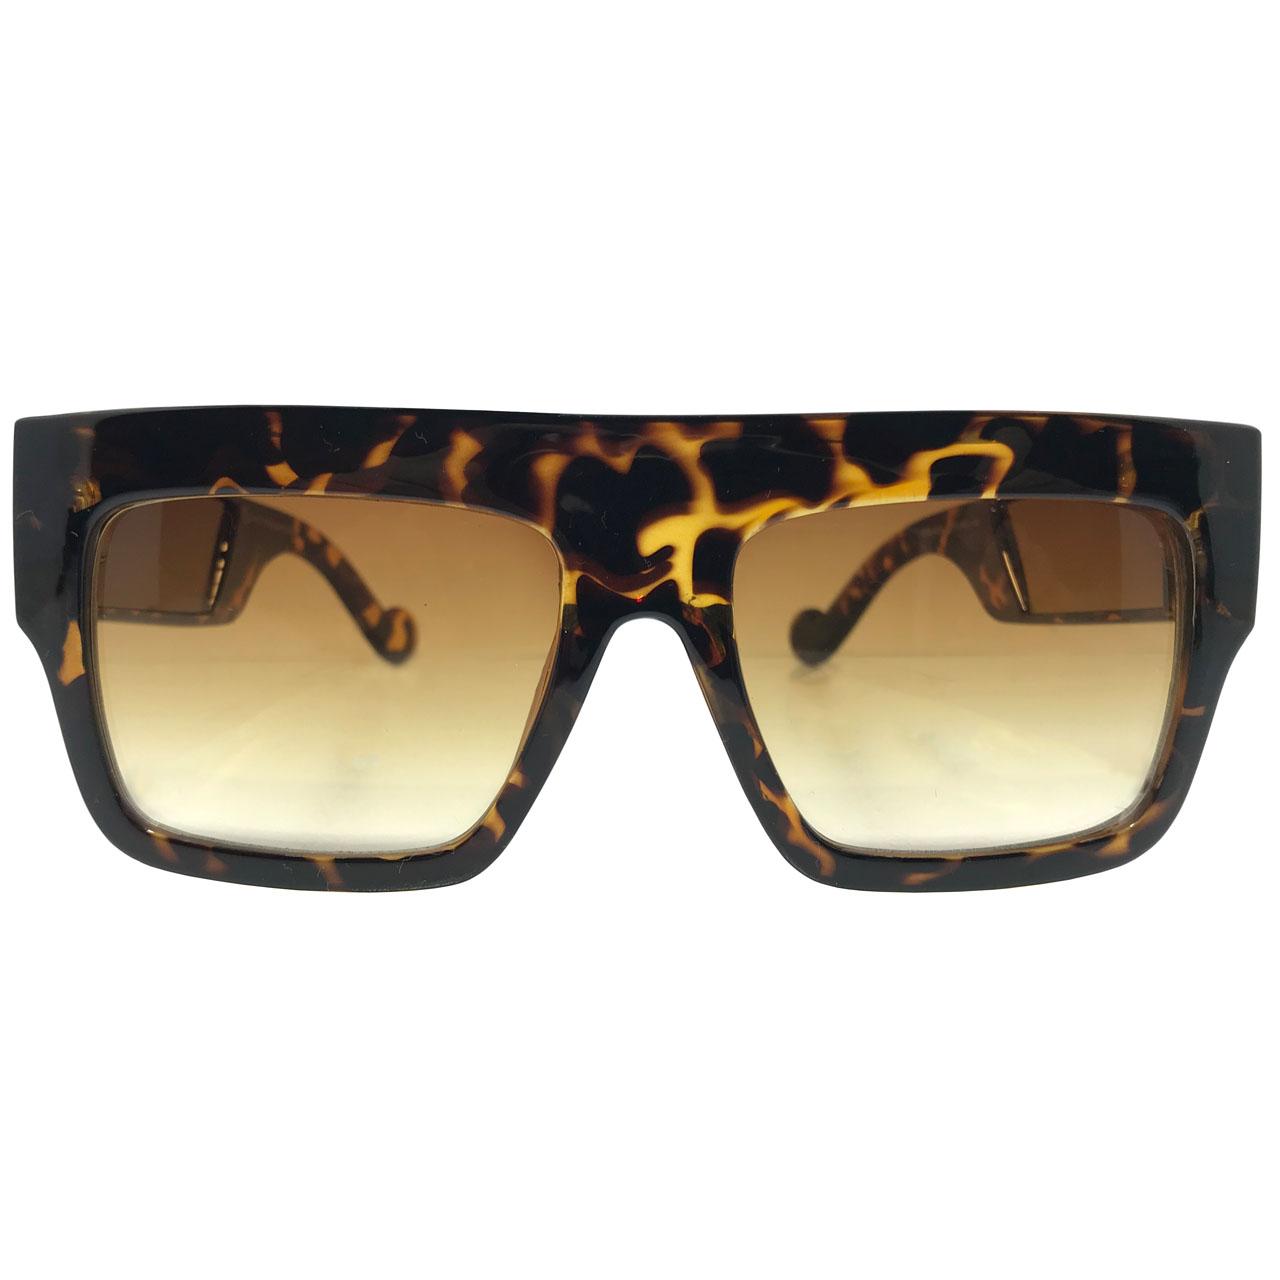 قیمت عینک آفتابی زنانه مدل 2337 به همراه جاسوییچی چرم طبیعی طرح کفش هدیه